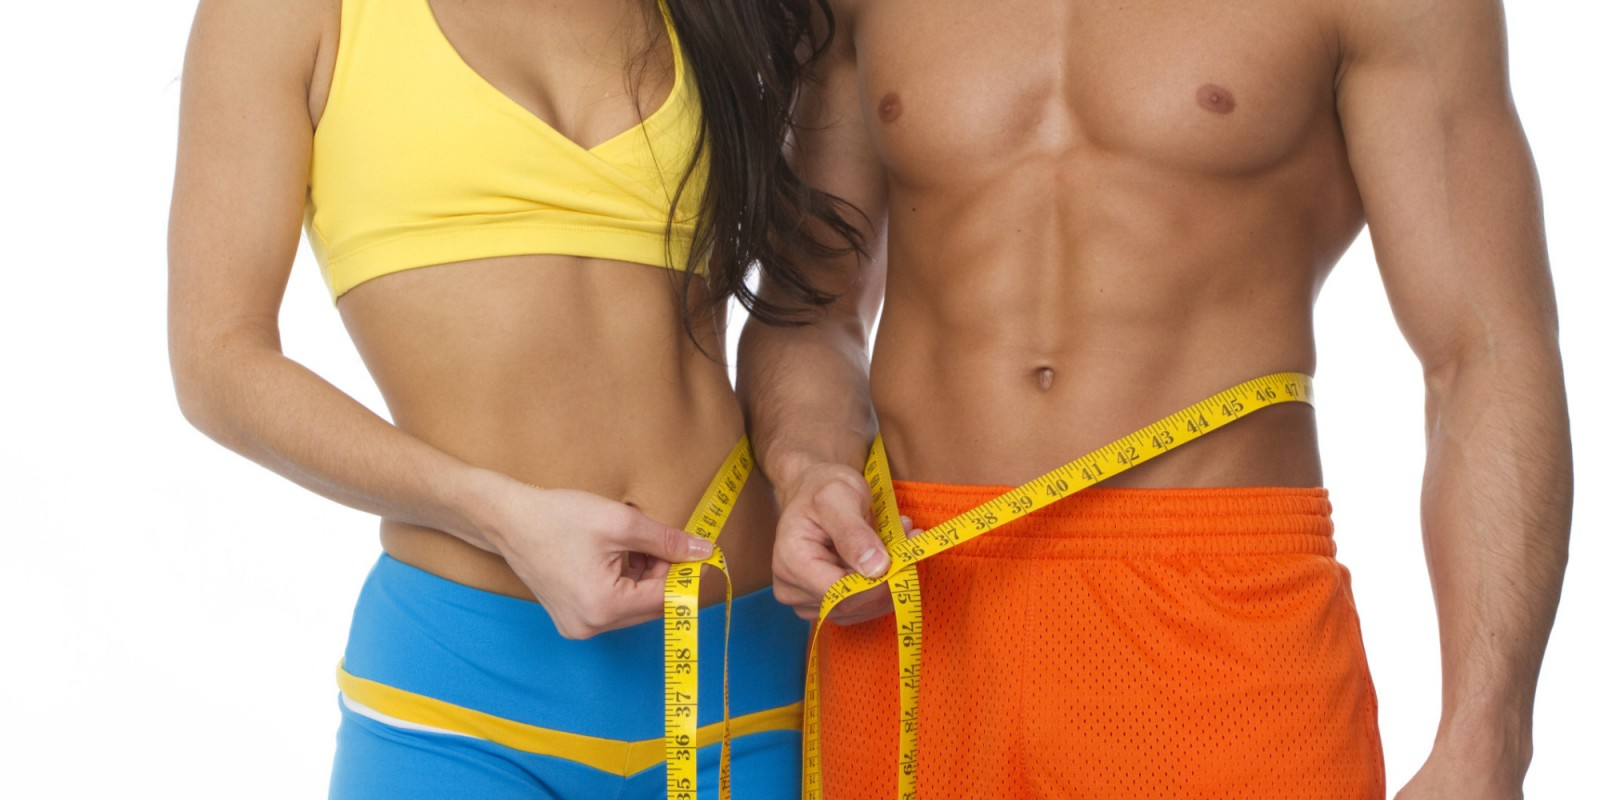 Похудение Мужчин Спорт. Лучшее спортивное питание для похудения, набора мышечной массы и красивого тела для мужчин и женщин